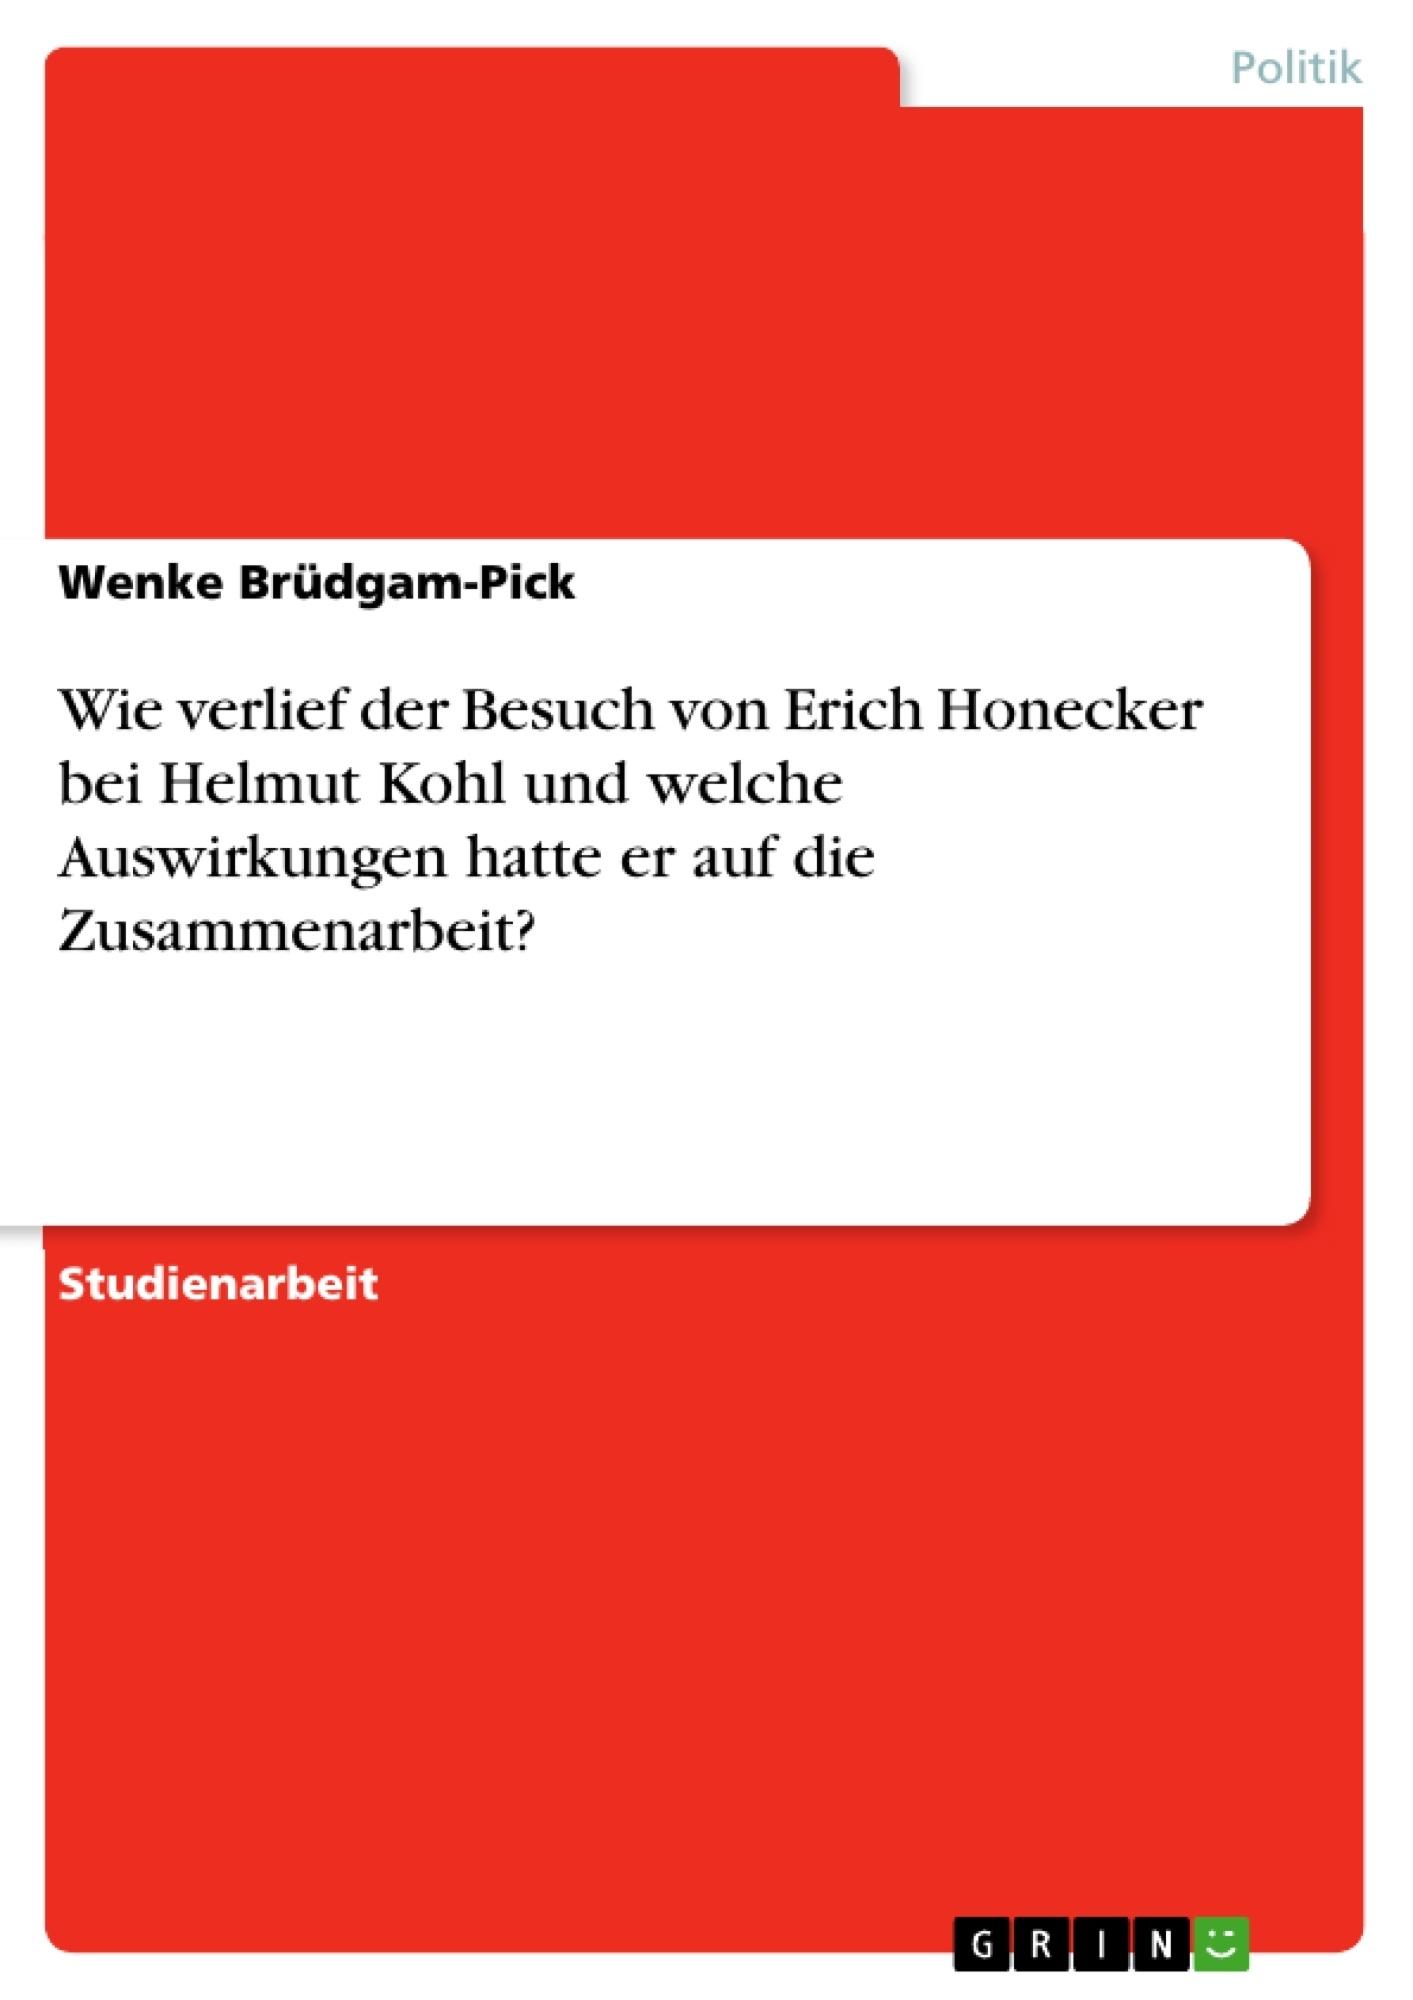 Titel: Wie verlief der Besuch von Erich Honecker bei Helmut Kohl und welche Auswirkungen hatte er auf die Zusammenarbeit?